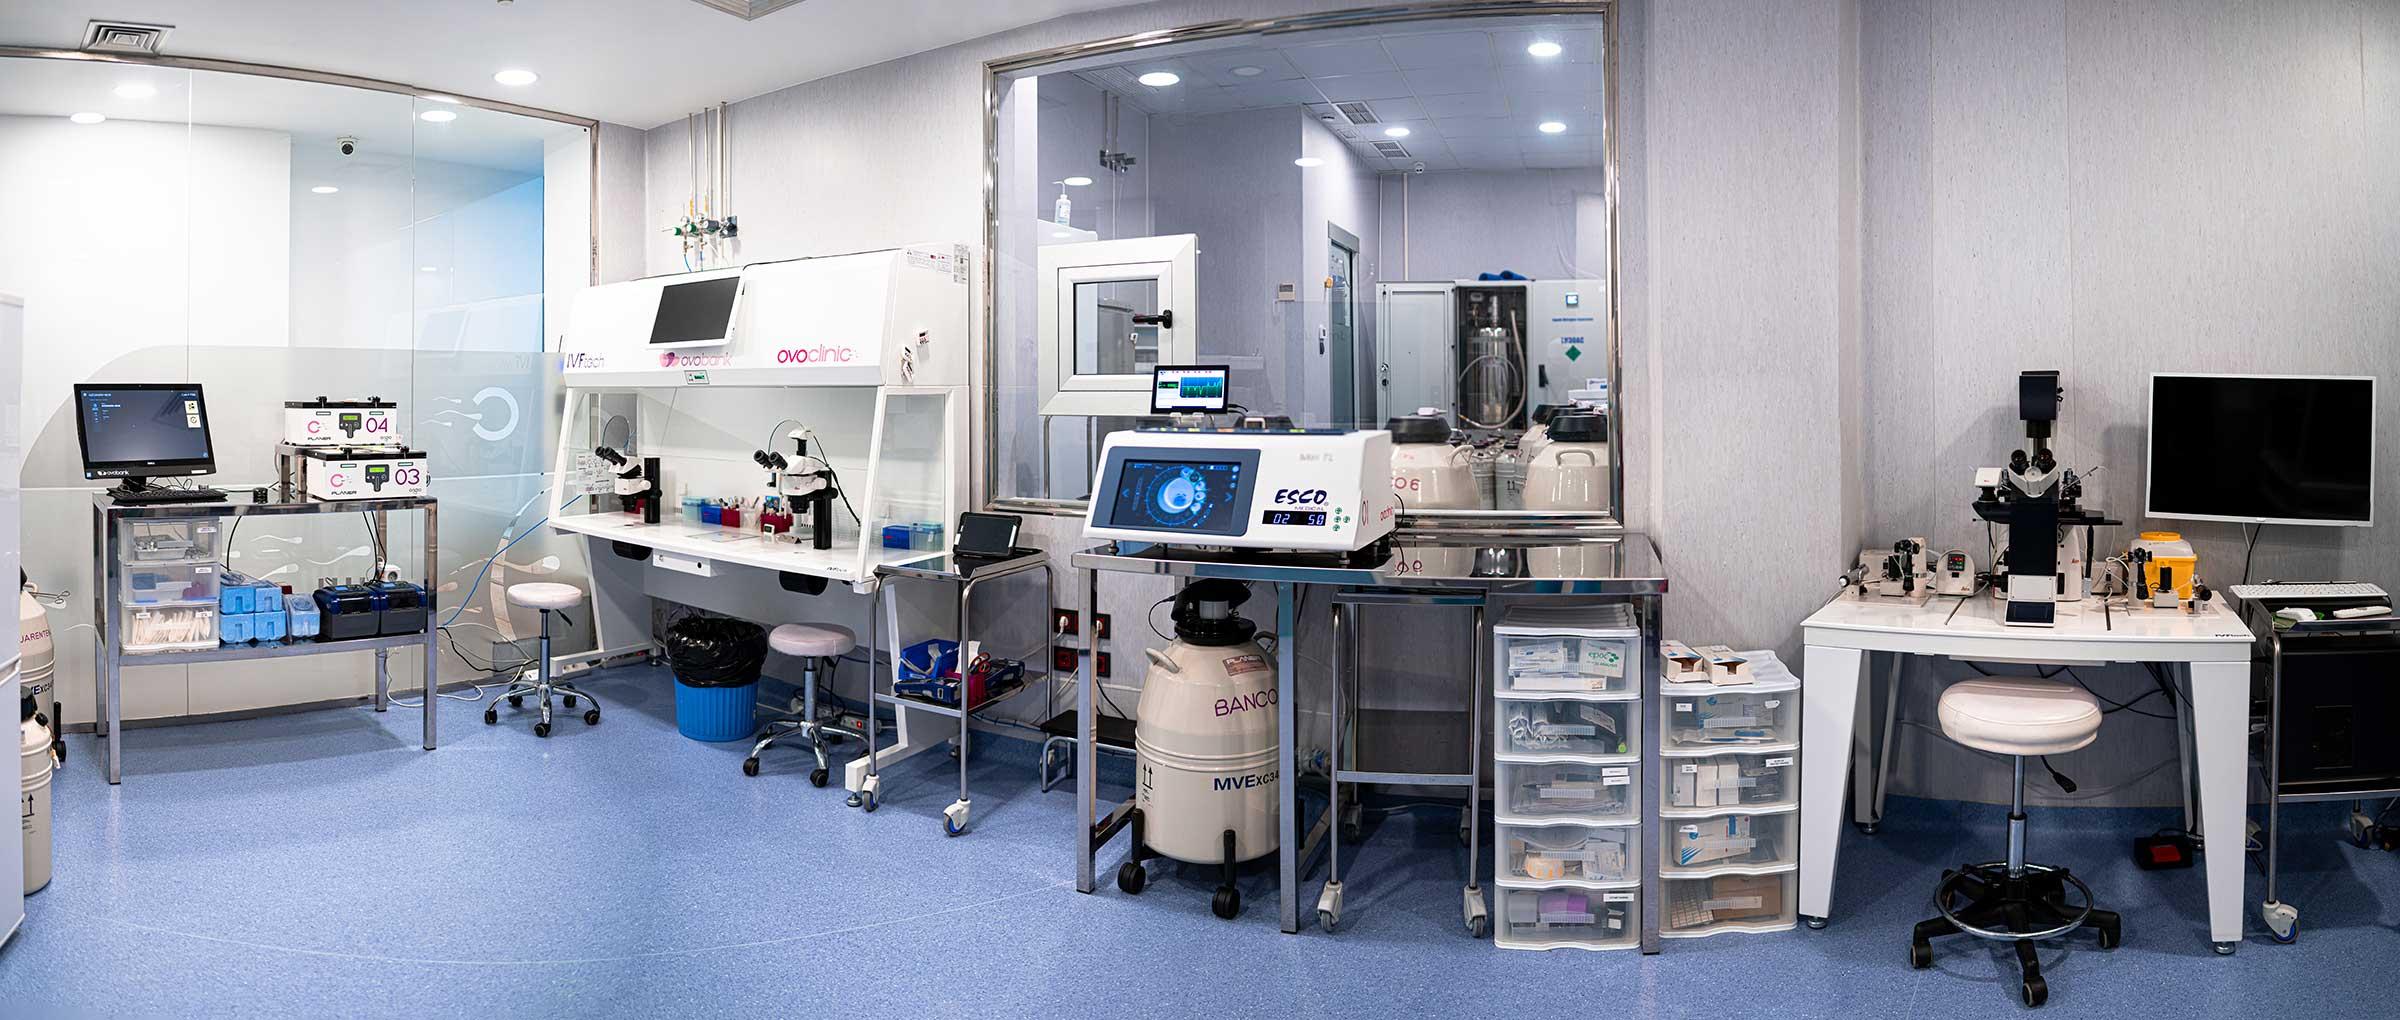 Laboratorio de Ovoclinic Marbella